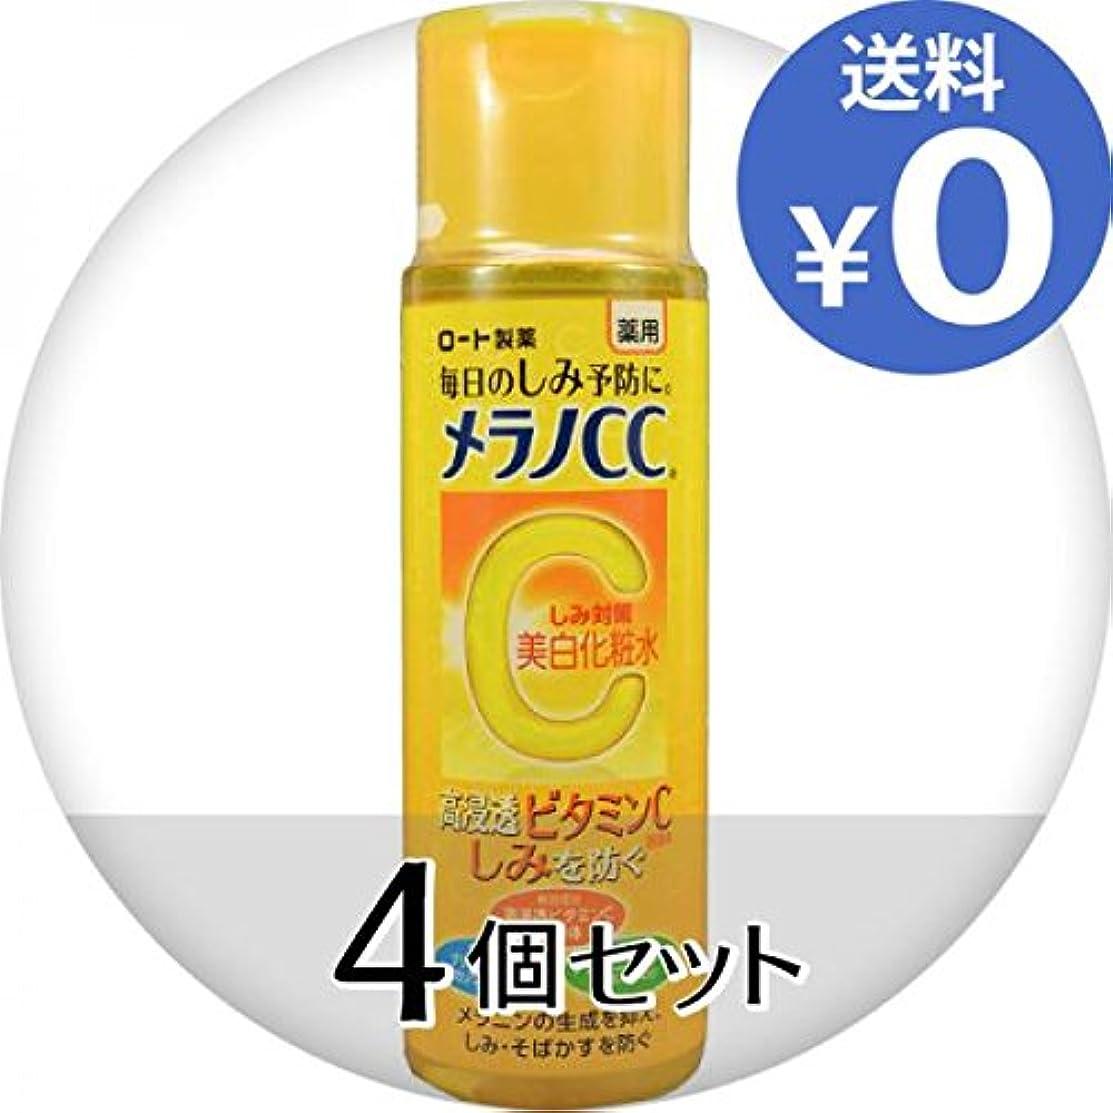 弾性アークピクニック【セット品】メラノCC 薬用しみ対策 美白化粧水 170mL (医薬部外品) (4個)